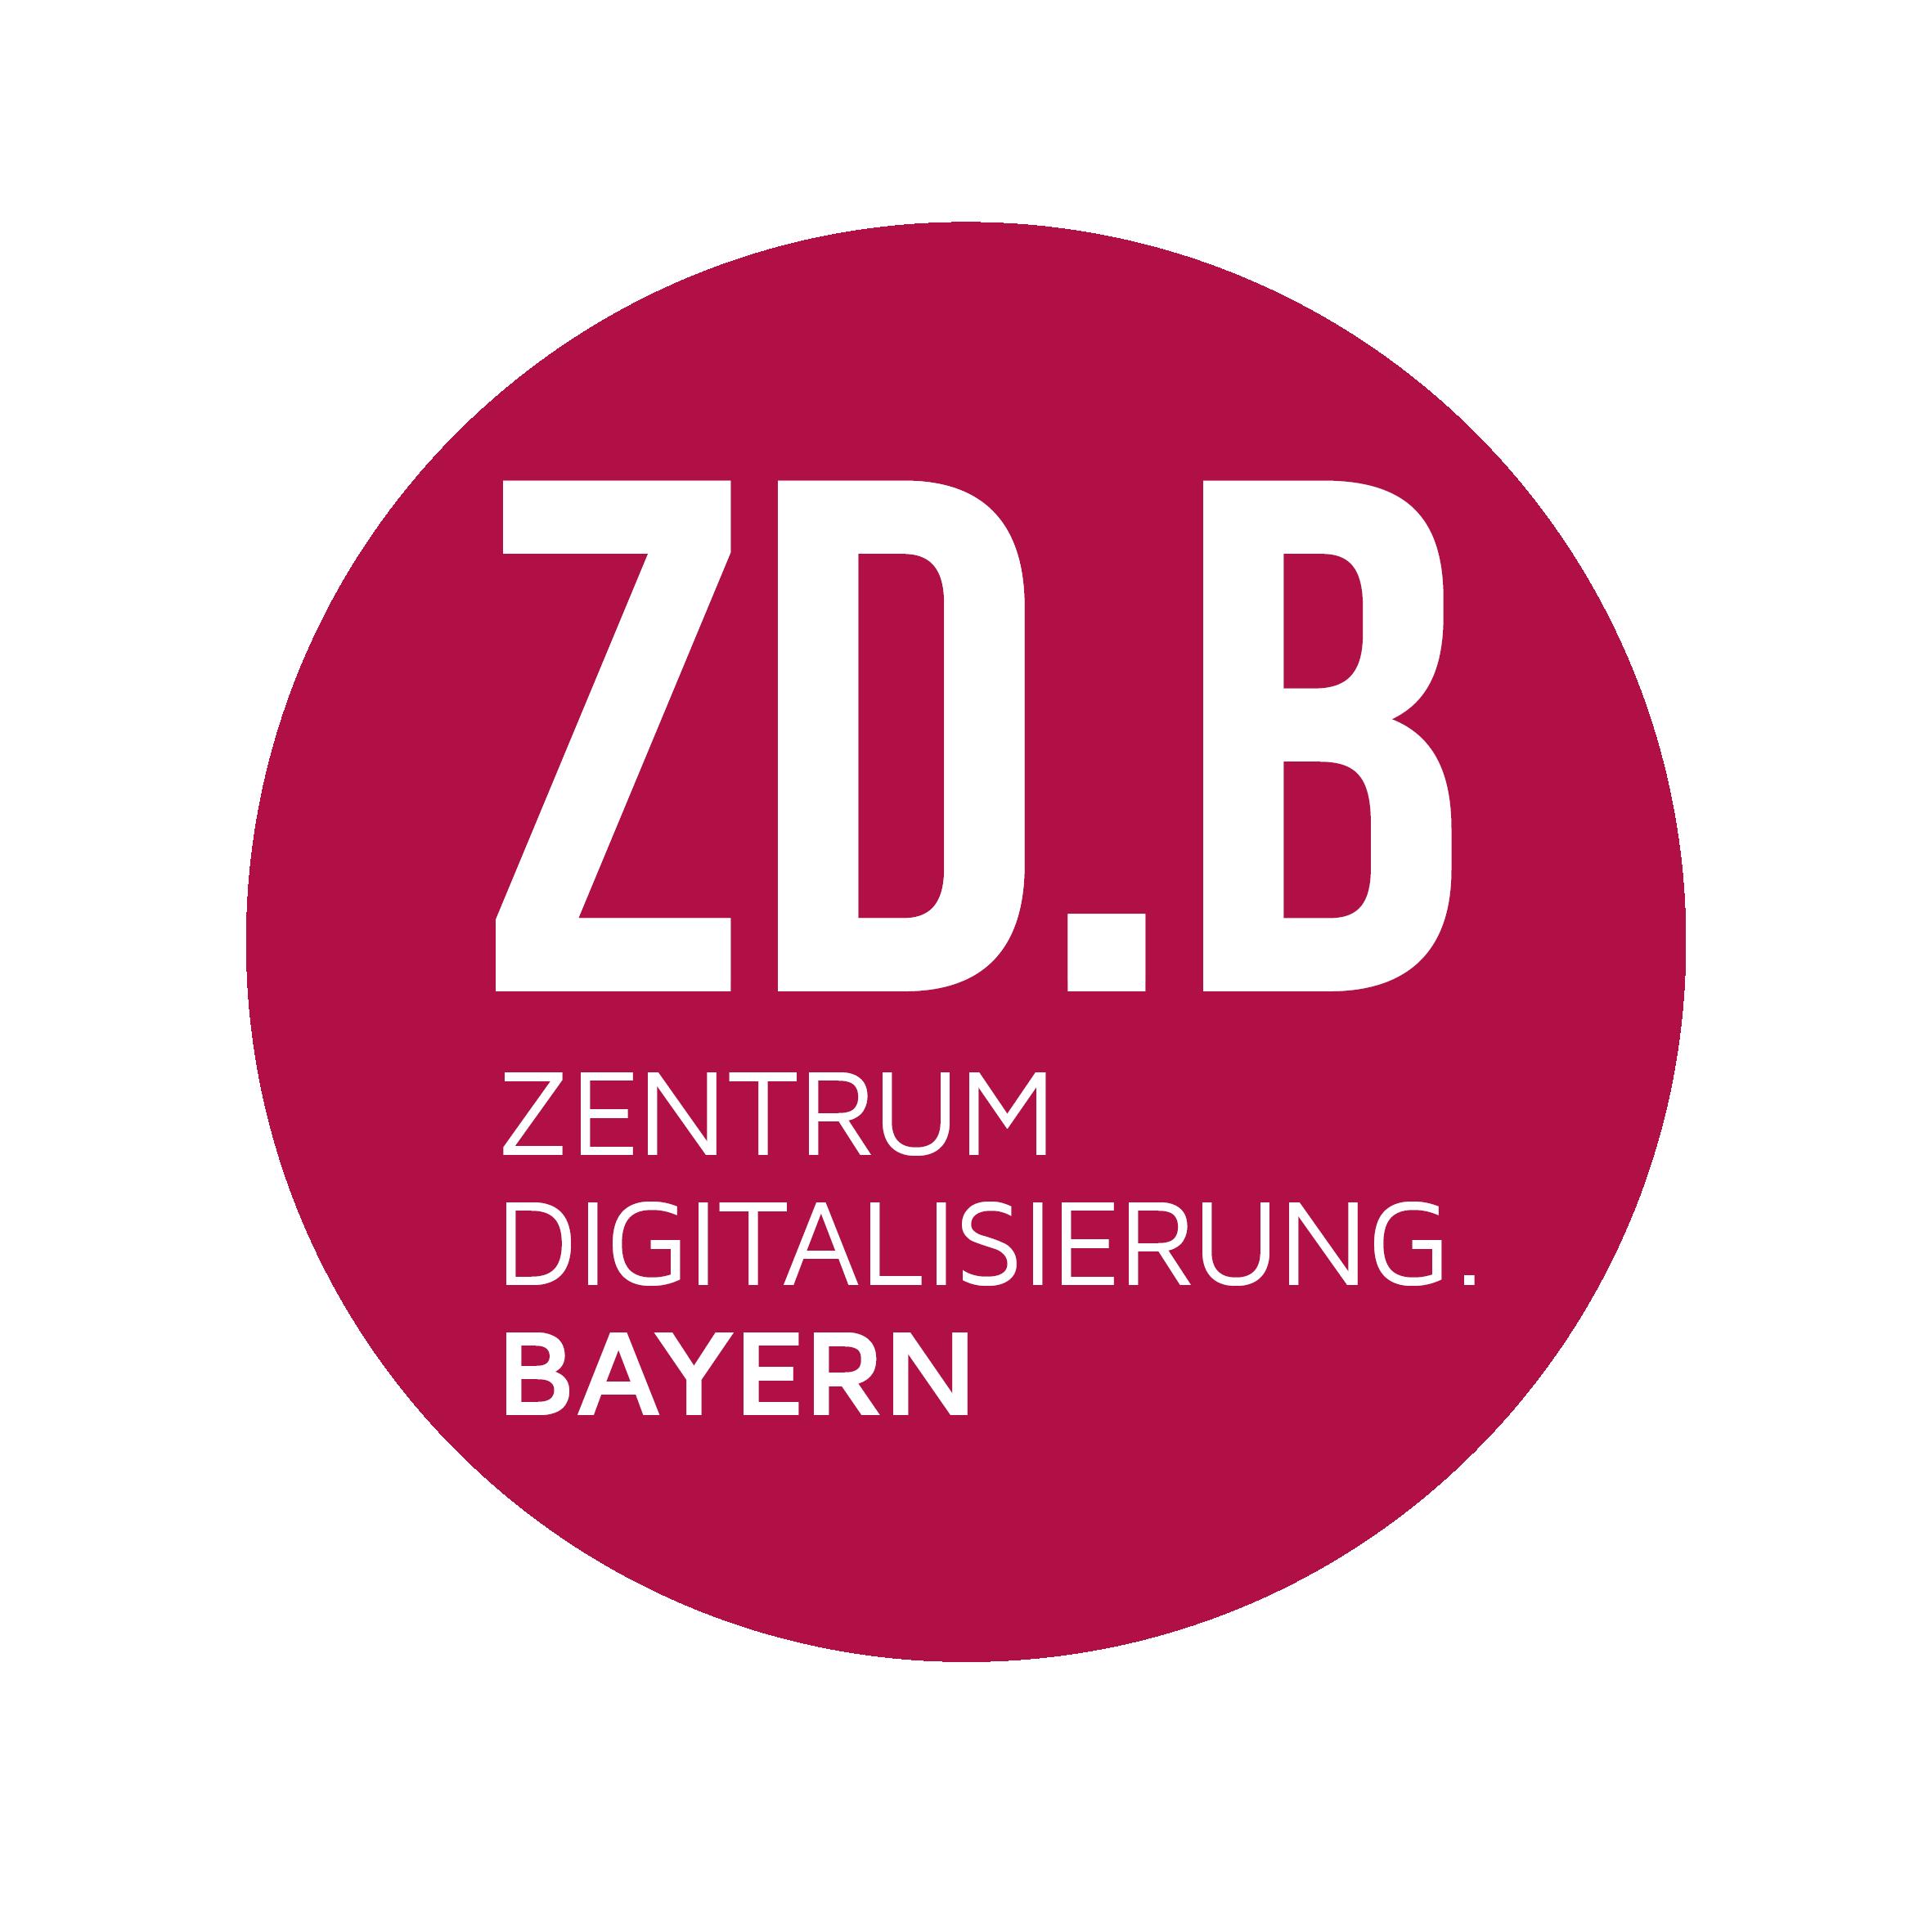 Kreislogo ZD.B